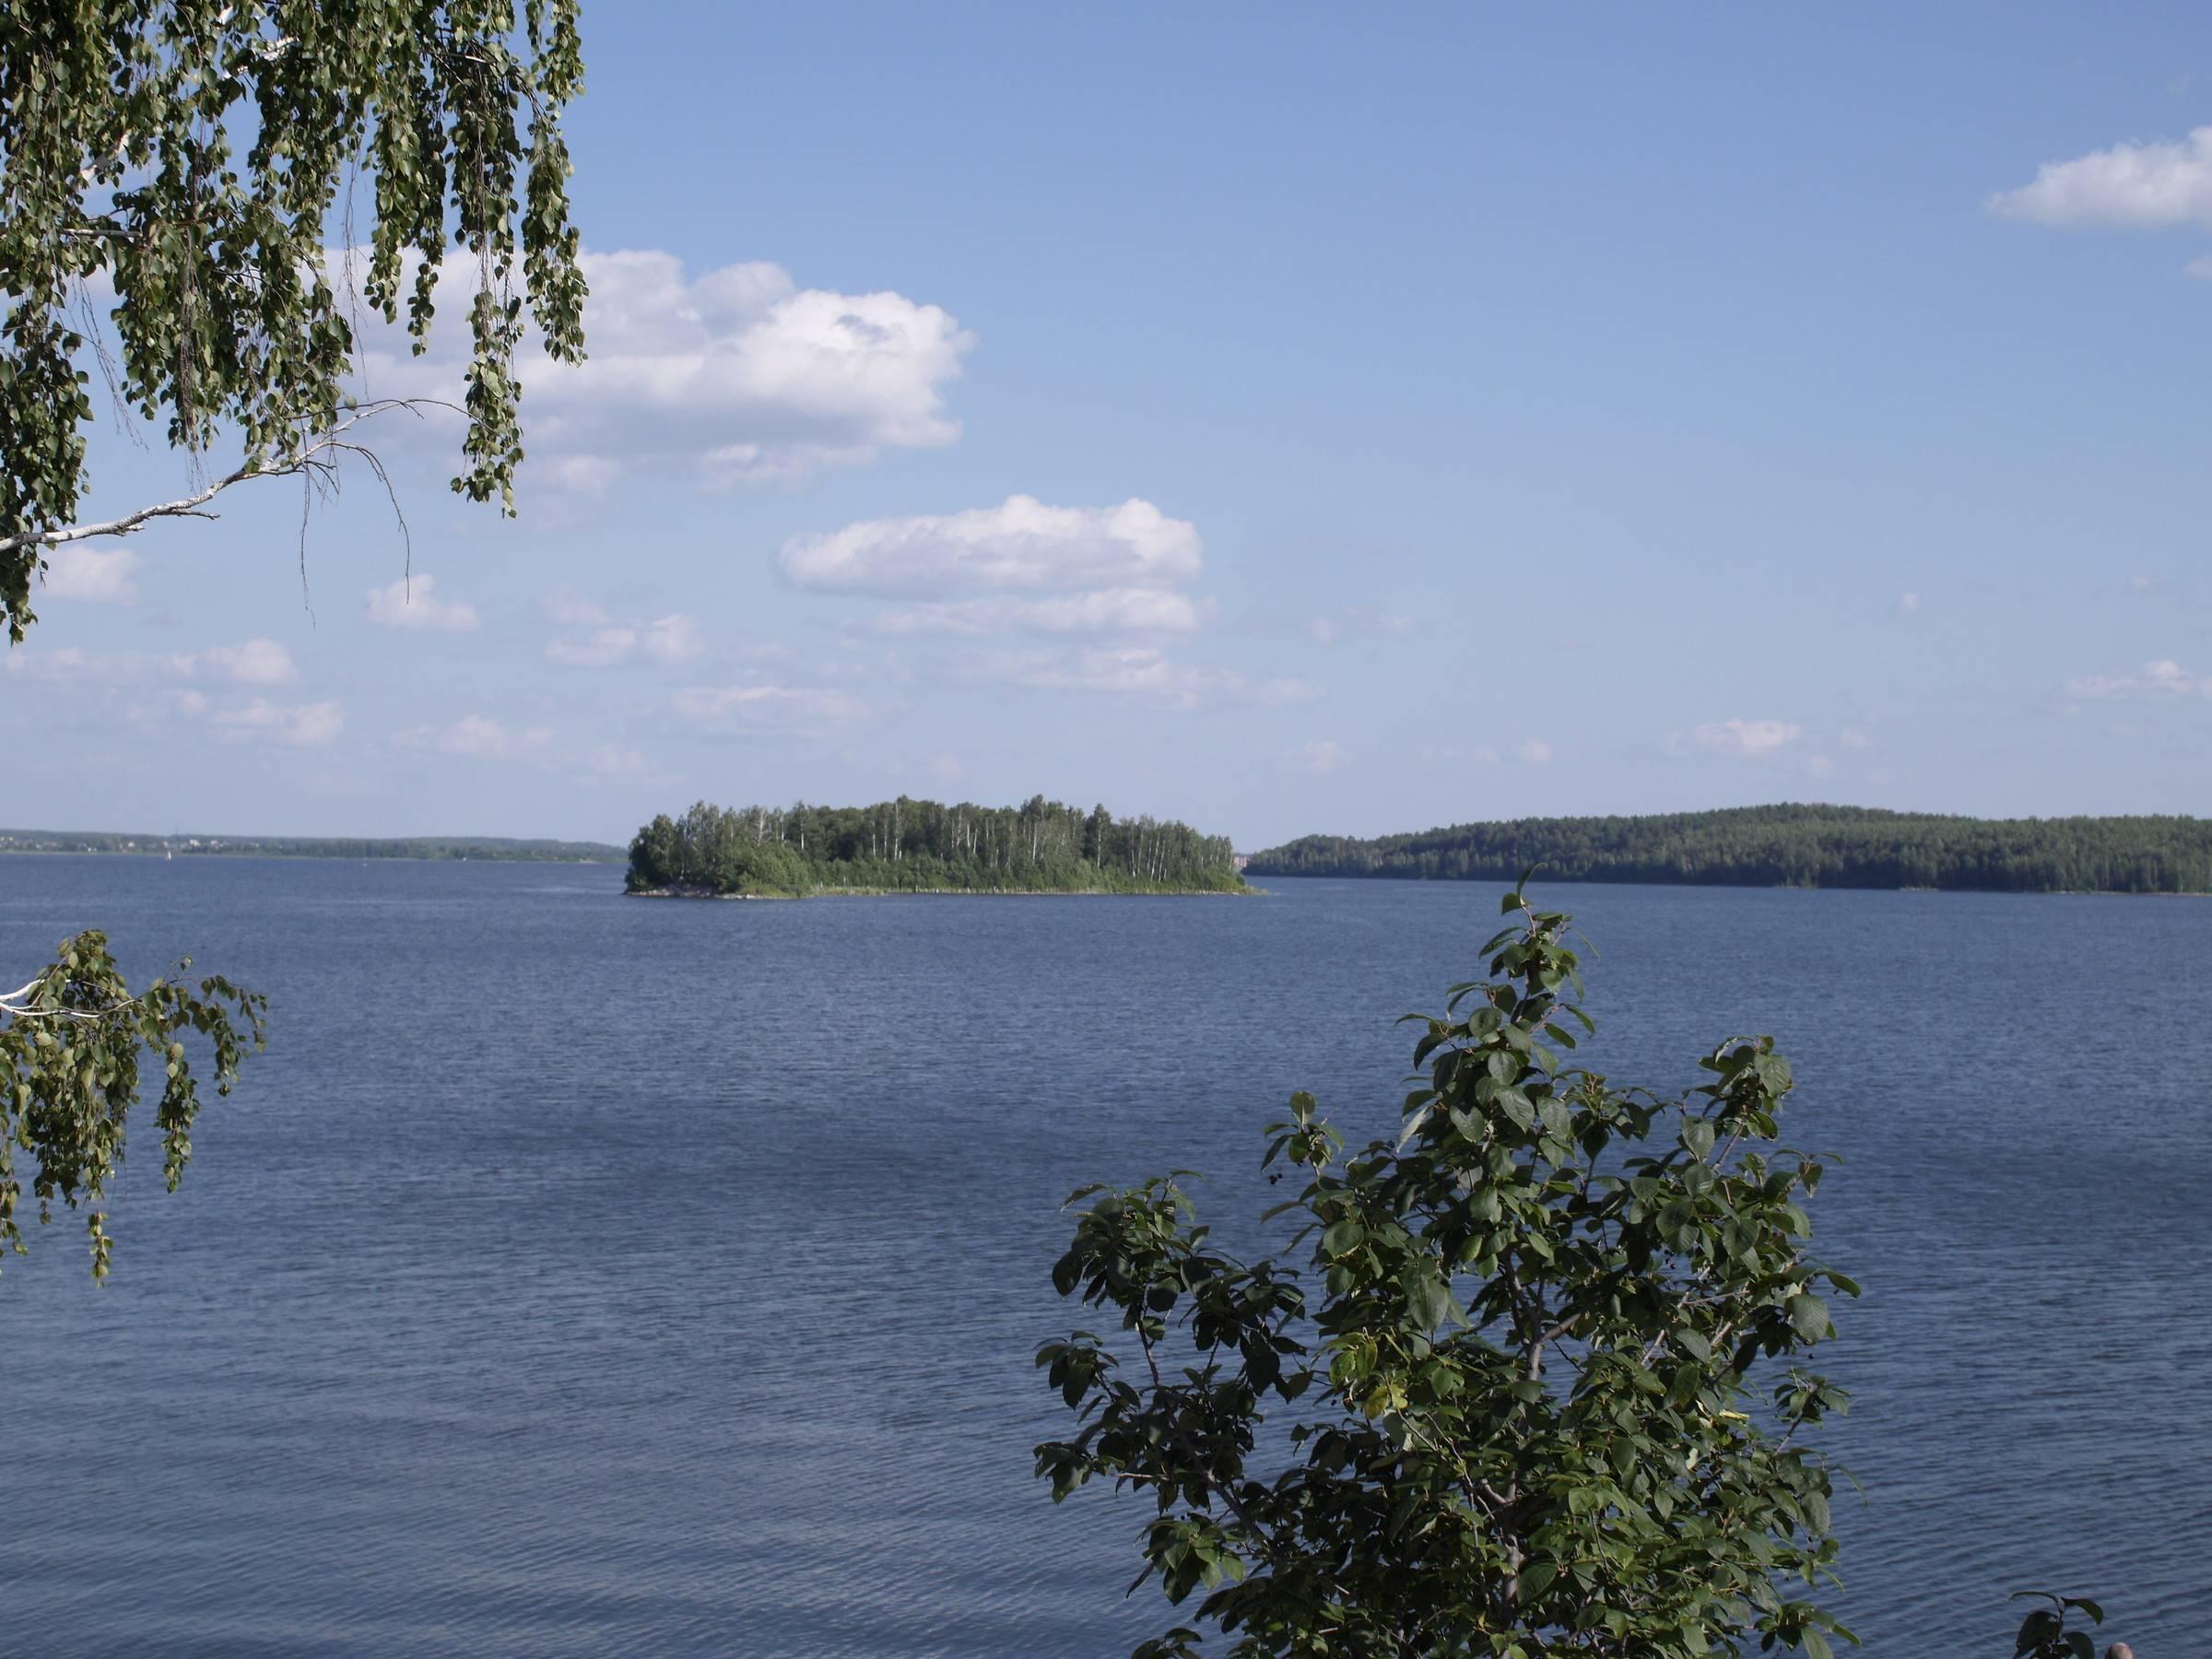 Озеро сунгуль. базы отдыха, рыбалка, отдых на озере, отзывы, погода, как доехать, фото, видео – туристер. ру